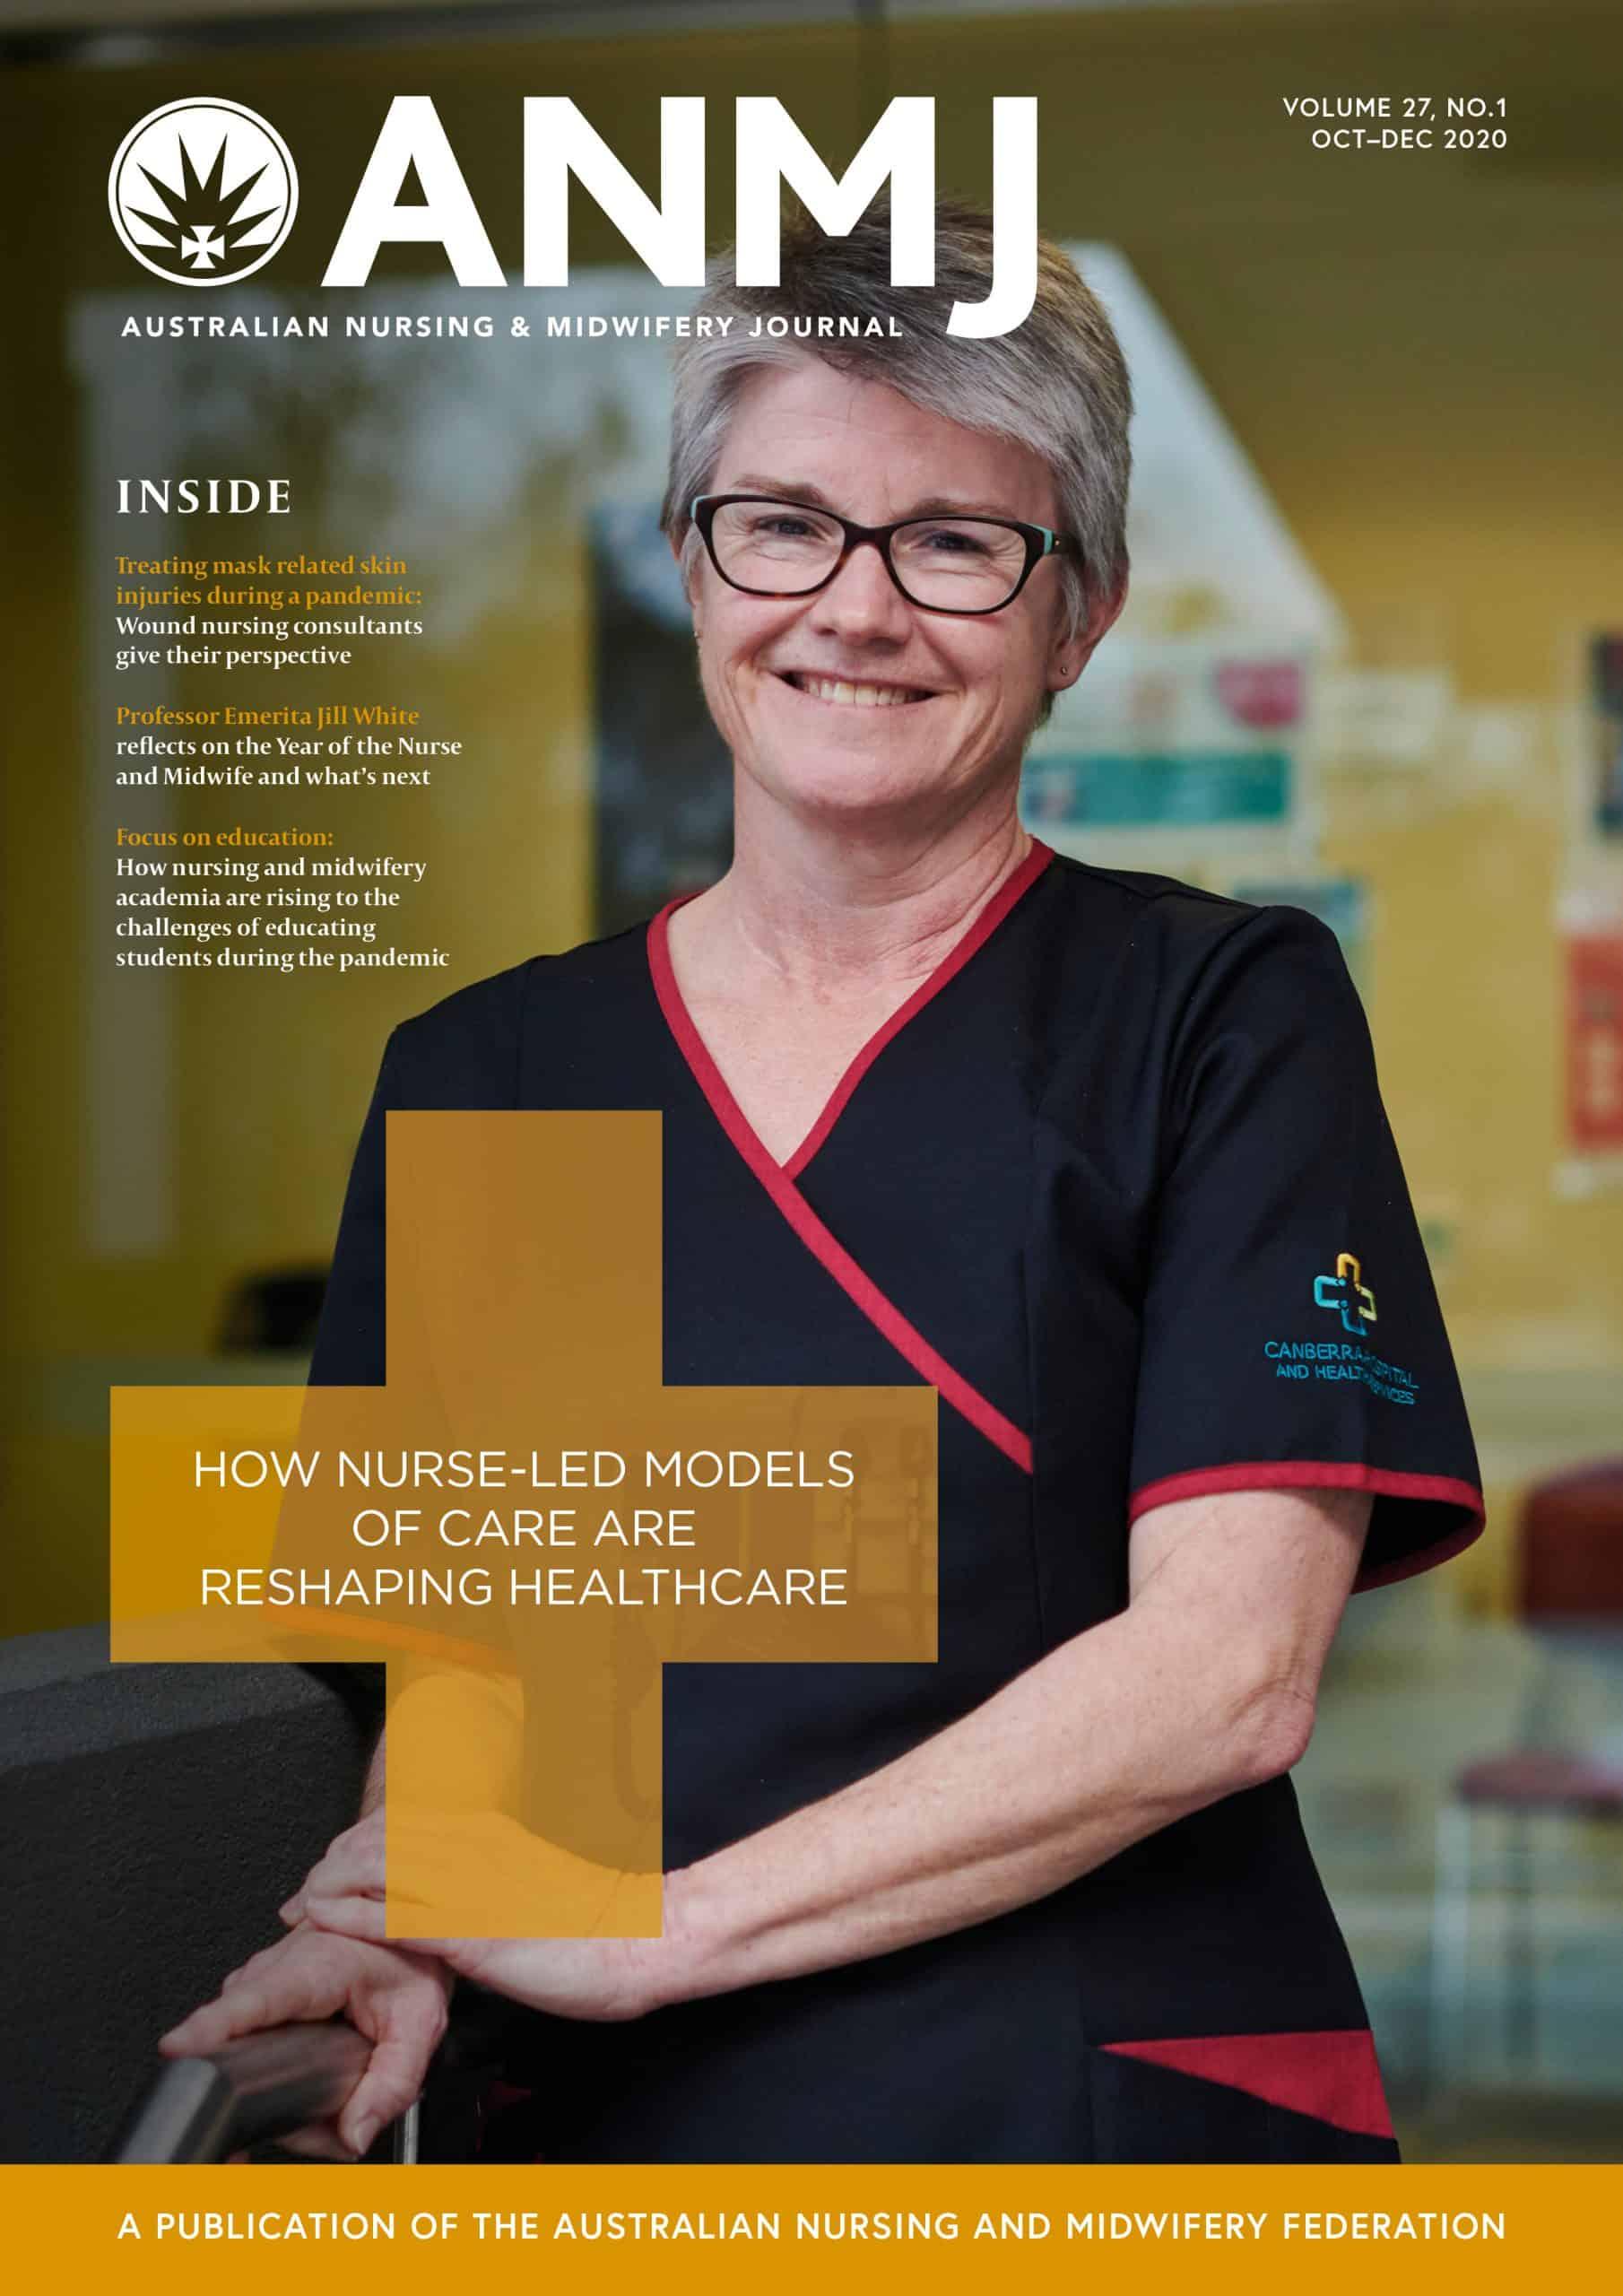 ANMJ Oct-Dec 2020 Issue